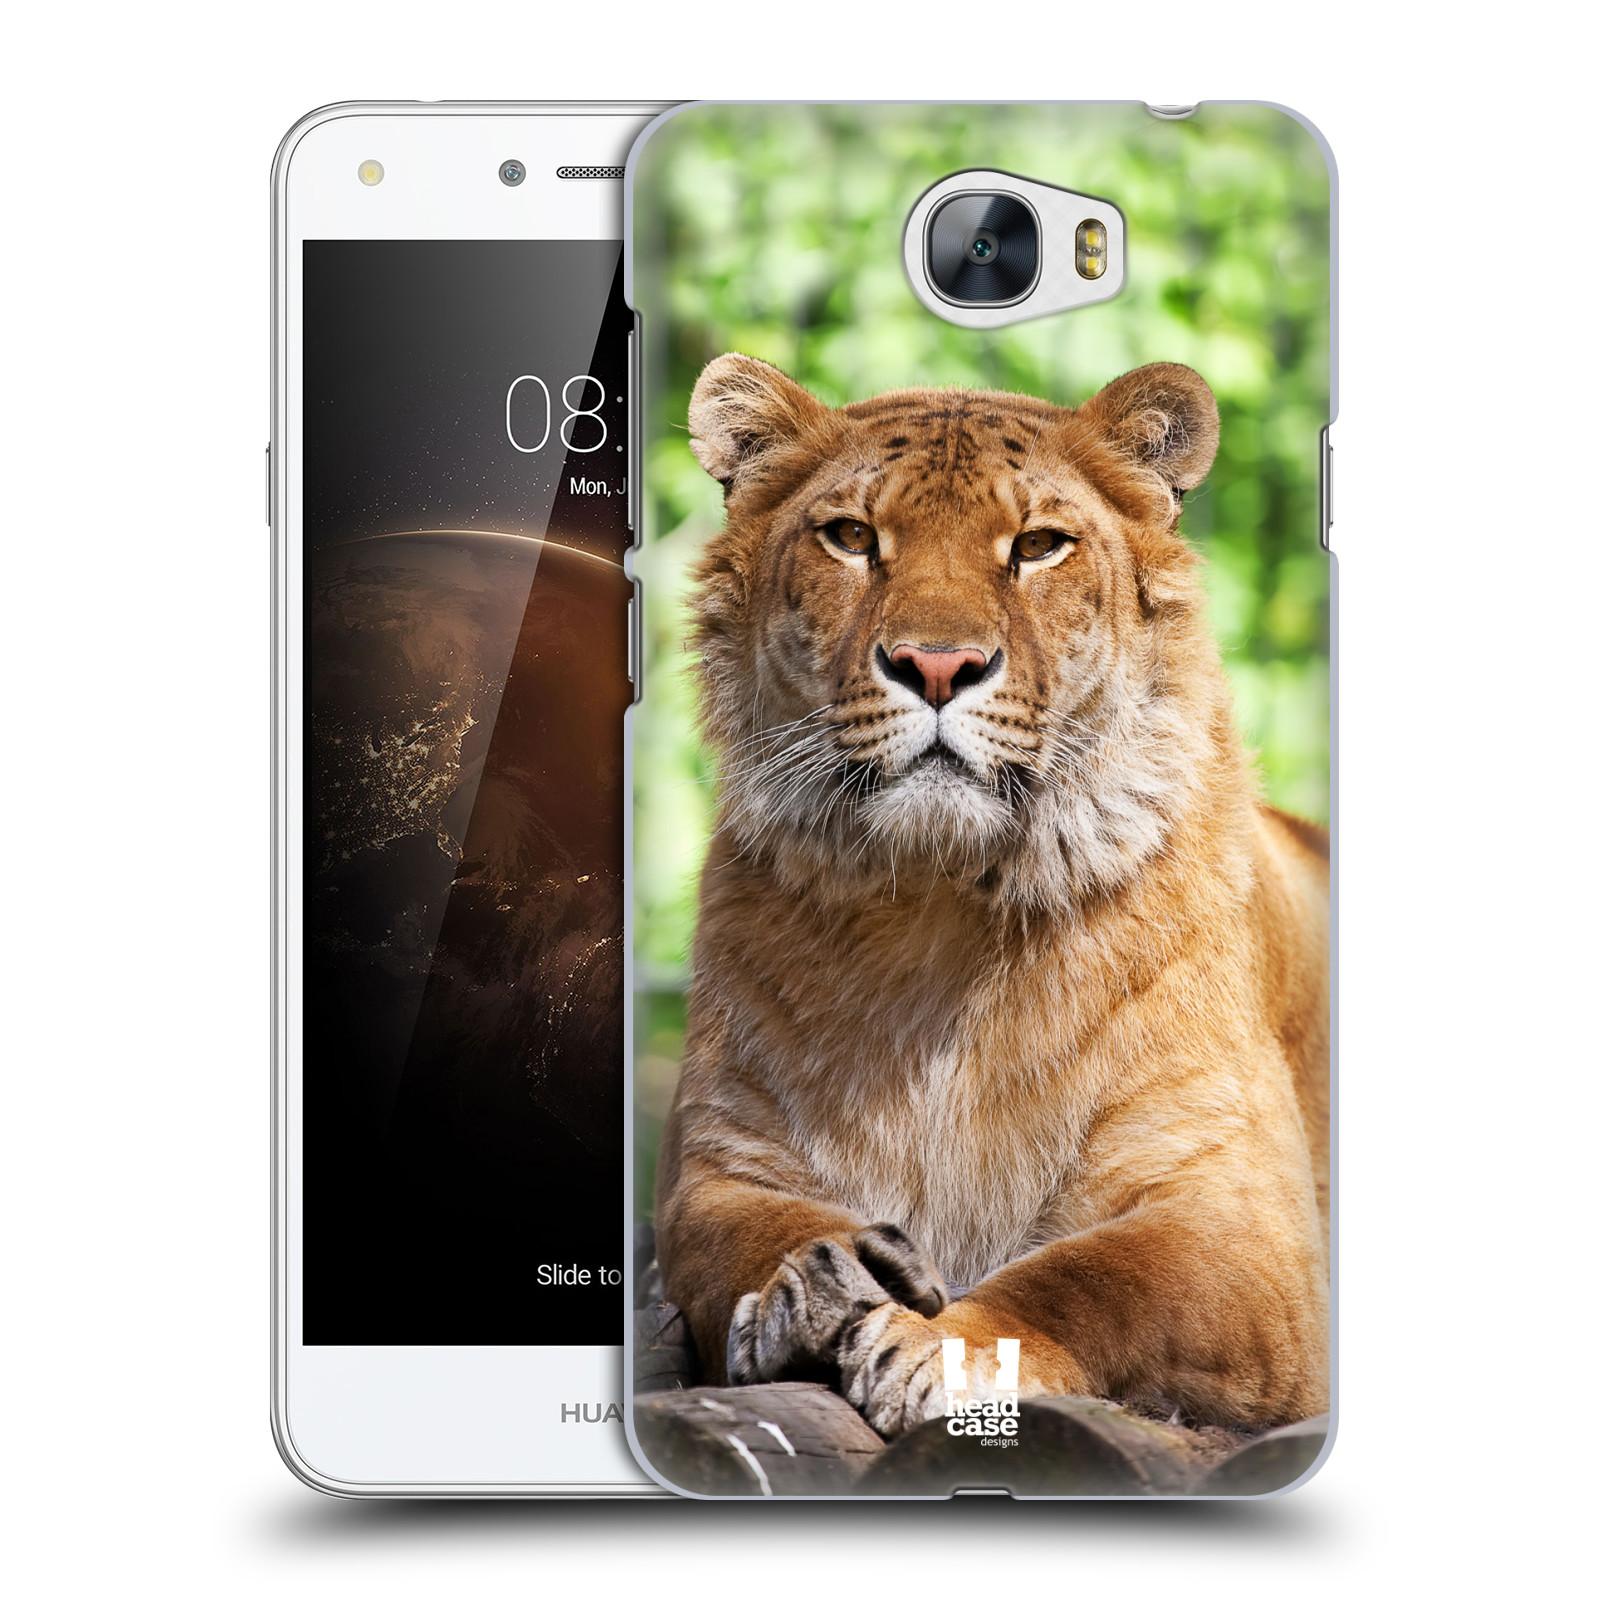 HEAD CASE plastový obal na mobil Huawei Y6 II Compact vzor slavná zvířata foto tygr